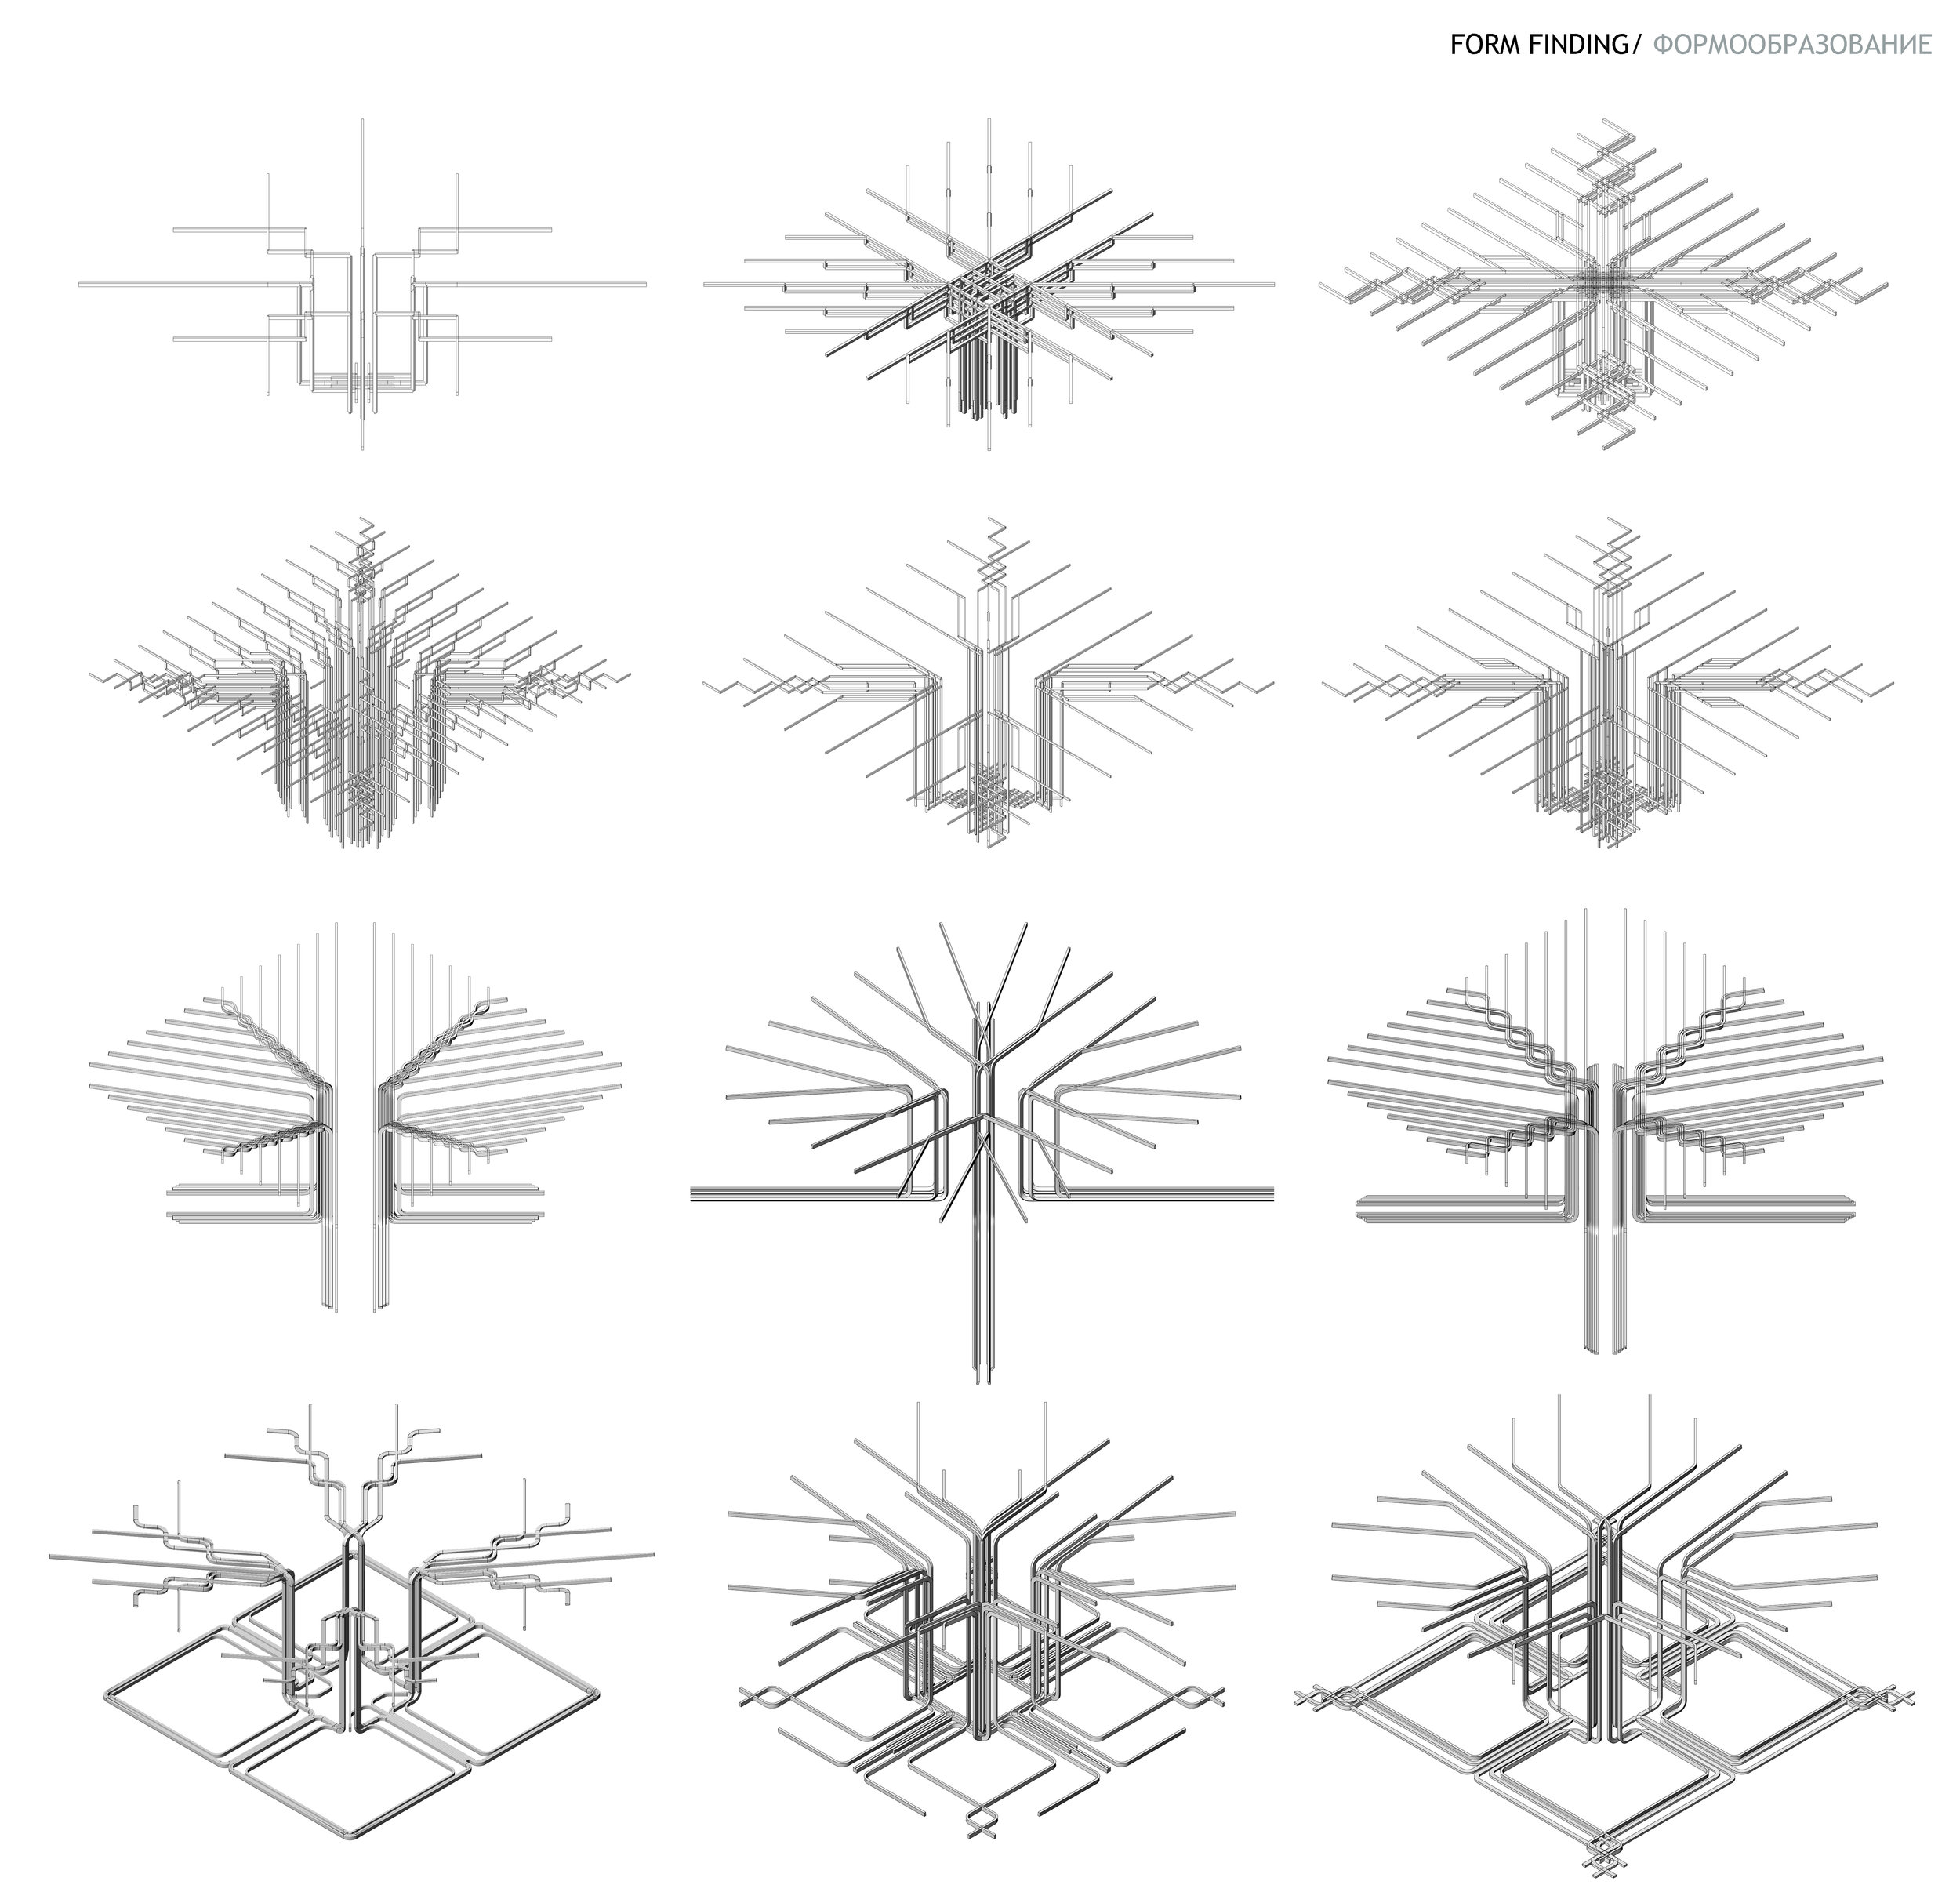 8_формообразование.jpg